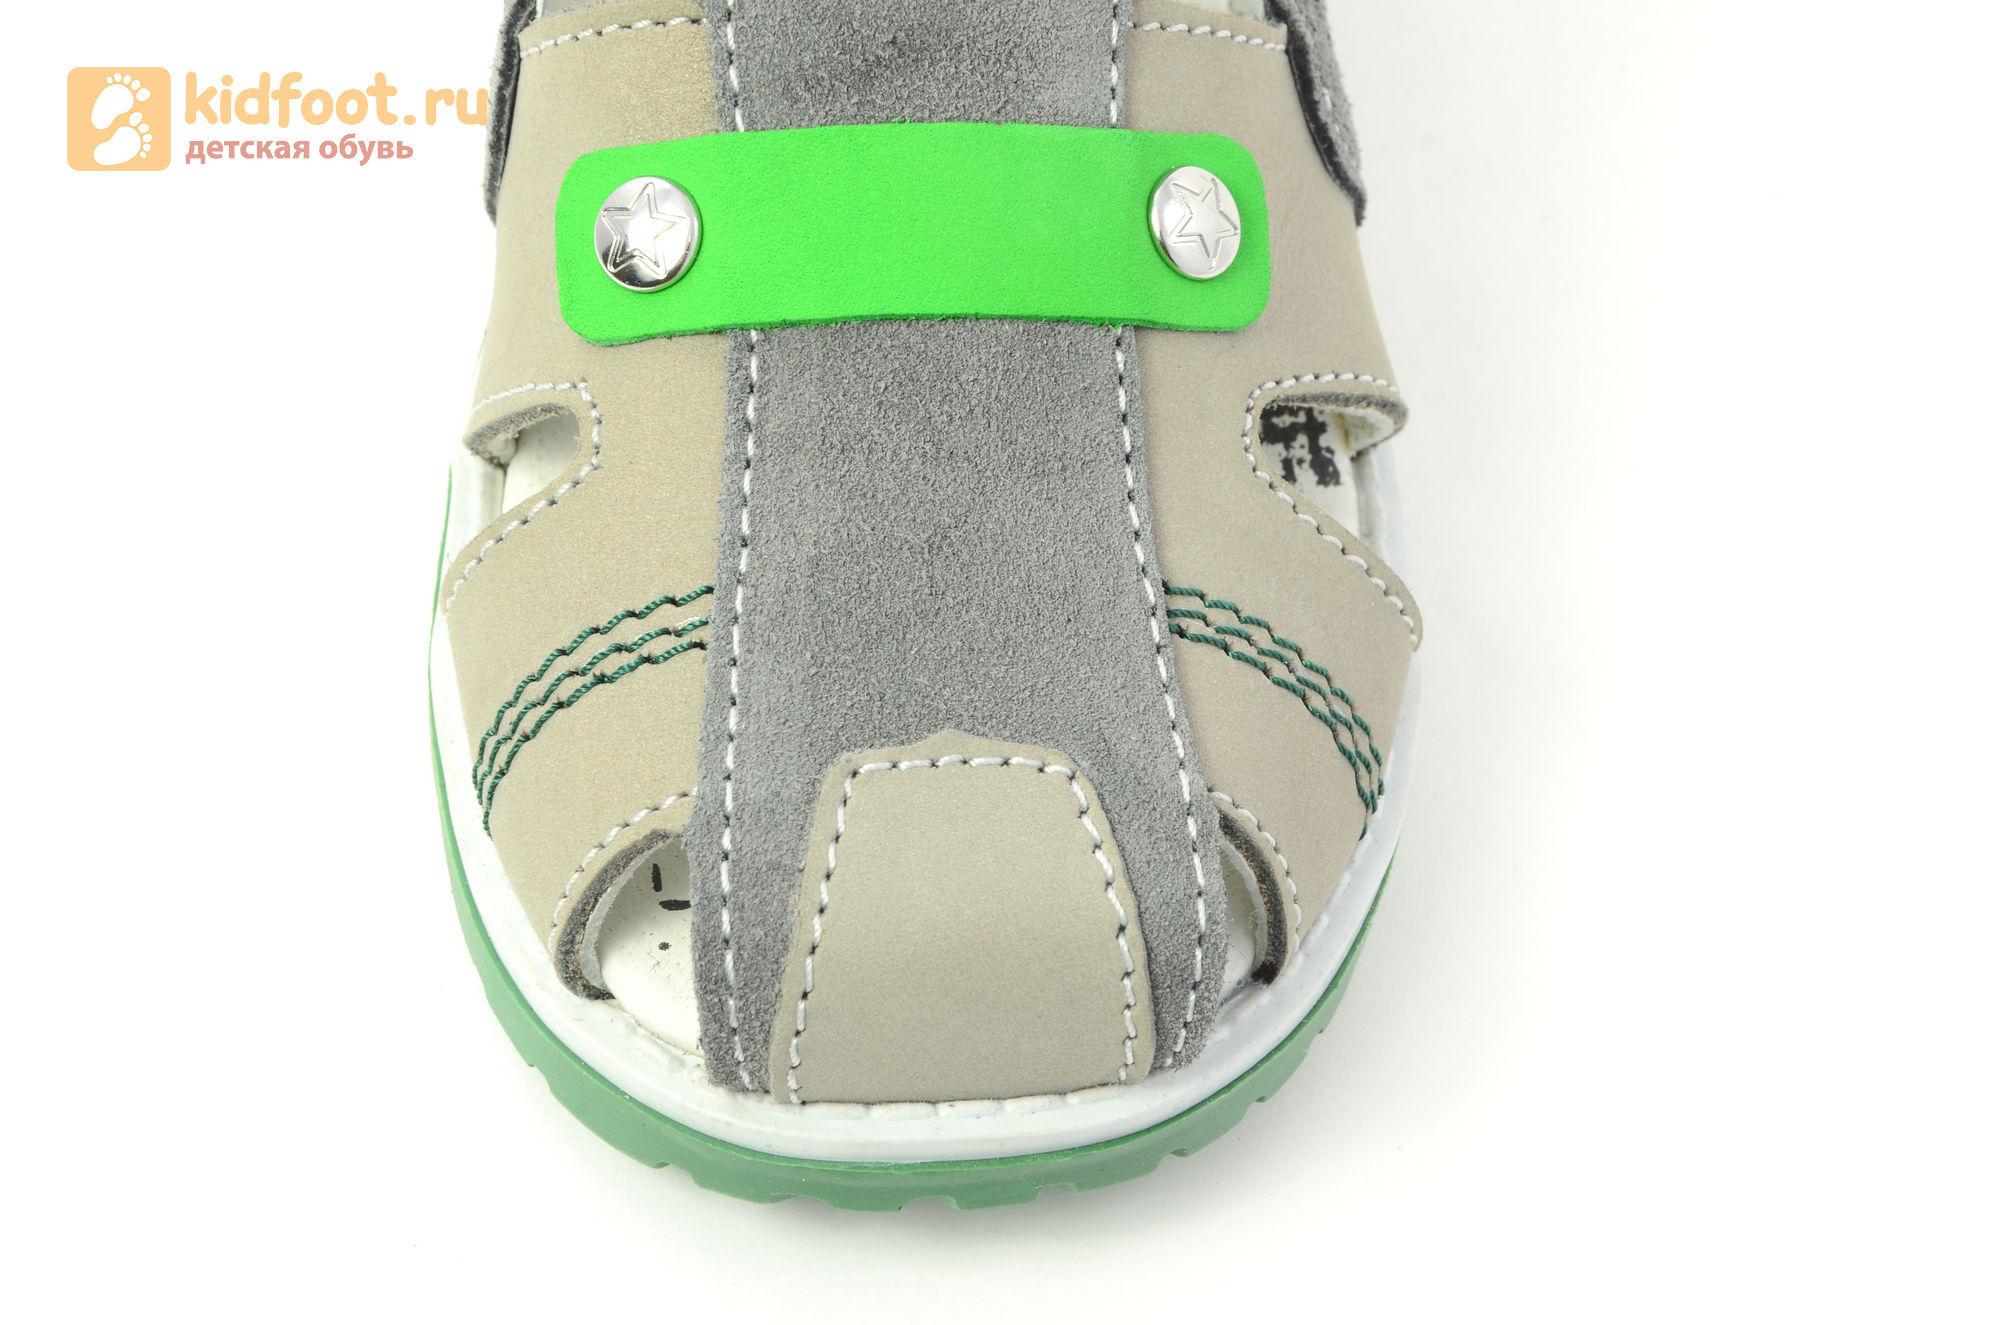 Детские сандалии Котофей 422056-22 из натуральной кожи, для мальчика, серые